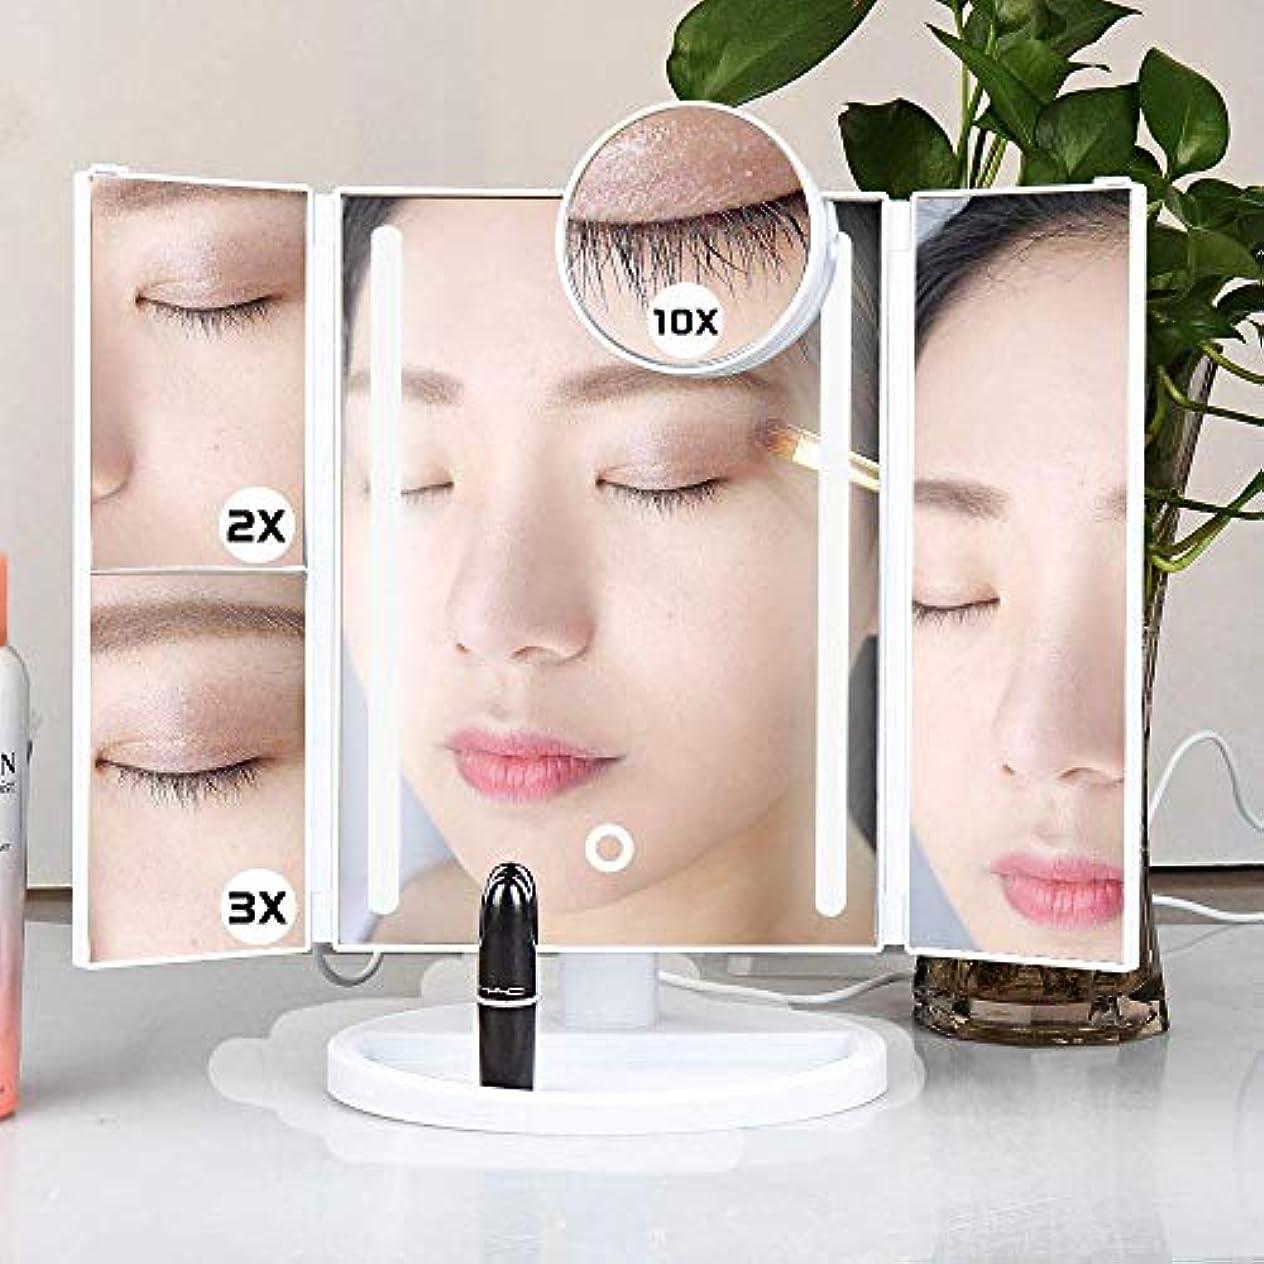 降ろすギャンブルアナウンサーArc Light 化粧鏡 女優ミラー 化粧ミラー 鏡 led付き 卓上鏡 三面鏡 折りたたみ 拡大鏡付き 2倍/3倍/10倍 明るさ調節可能 180°回転 単三電池/USB 2WAY給電 一年保証 (白い)